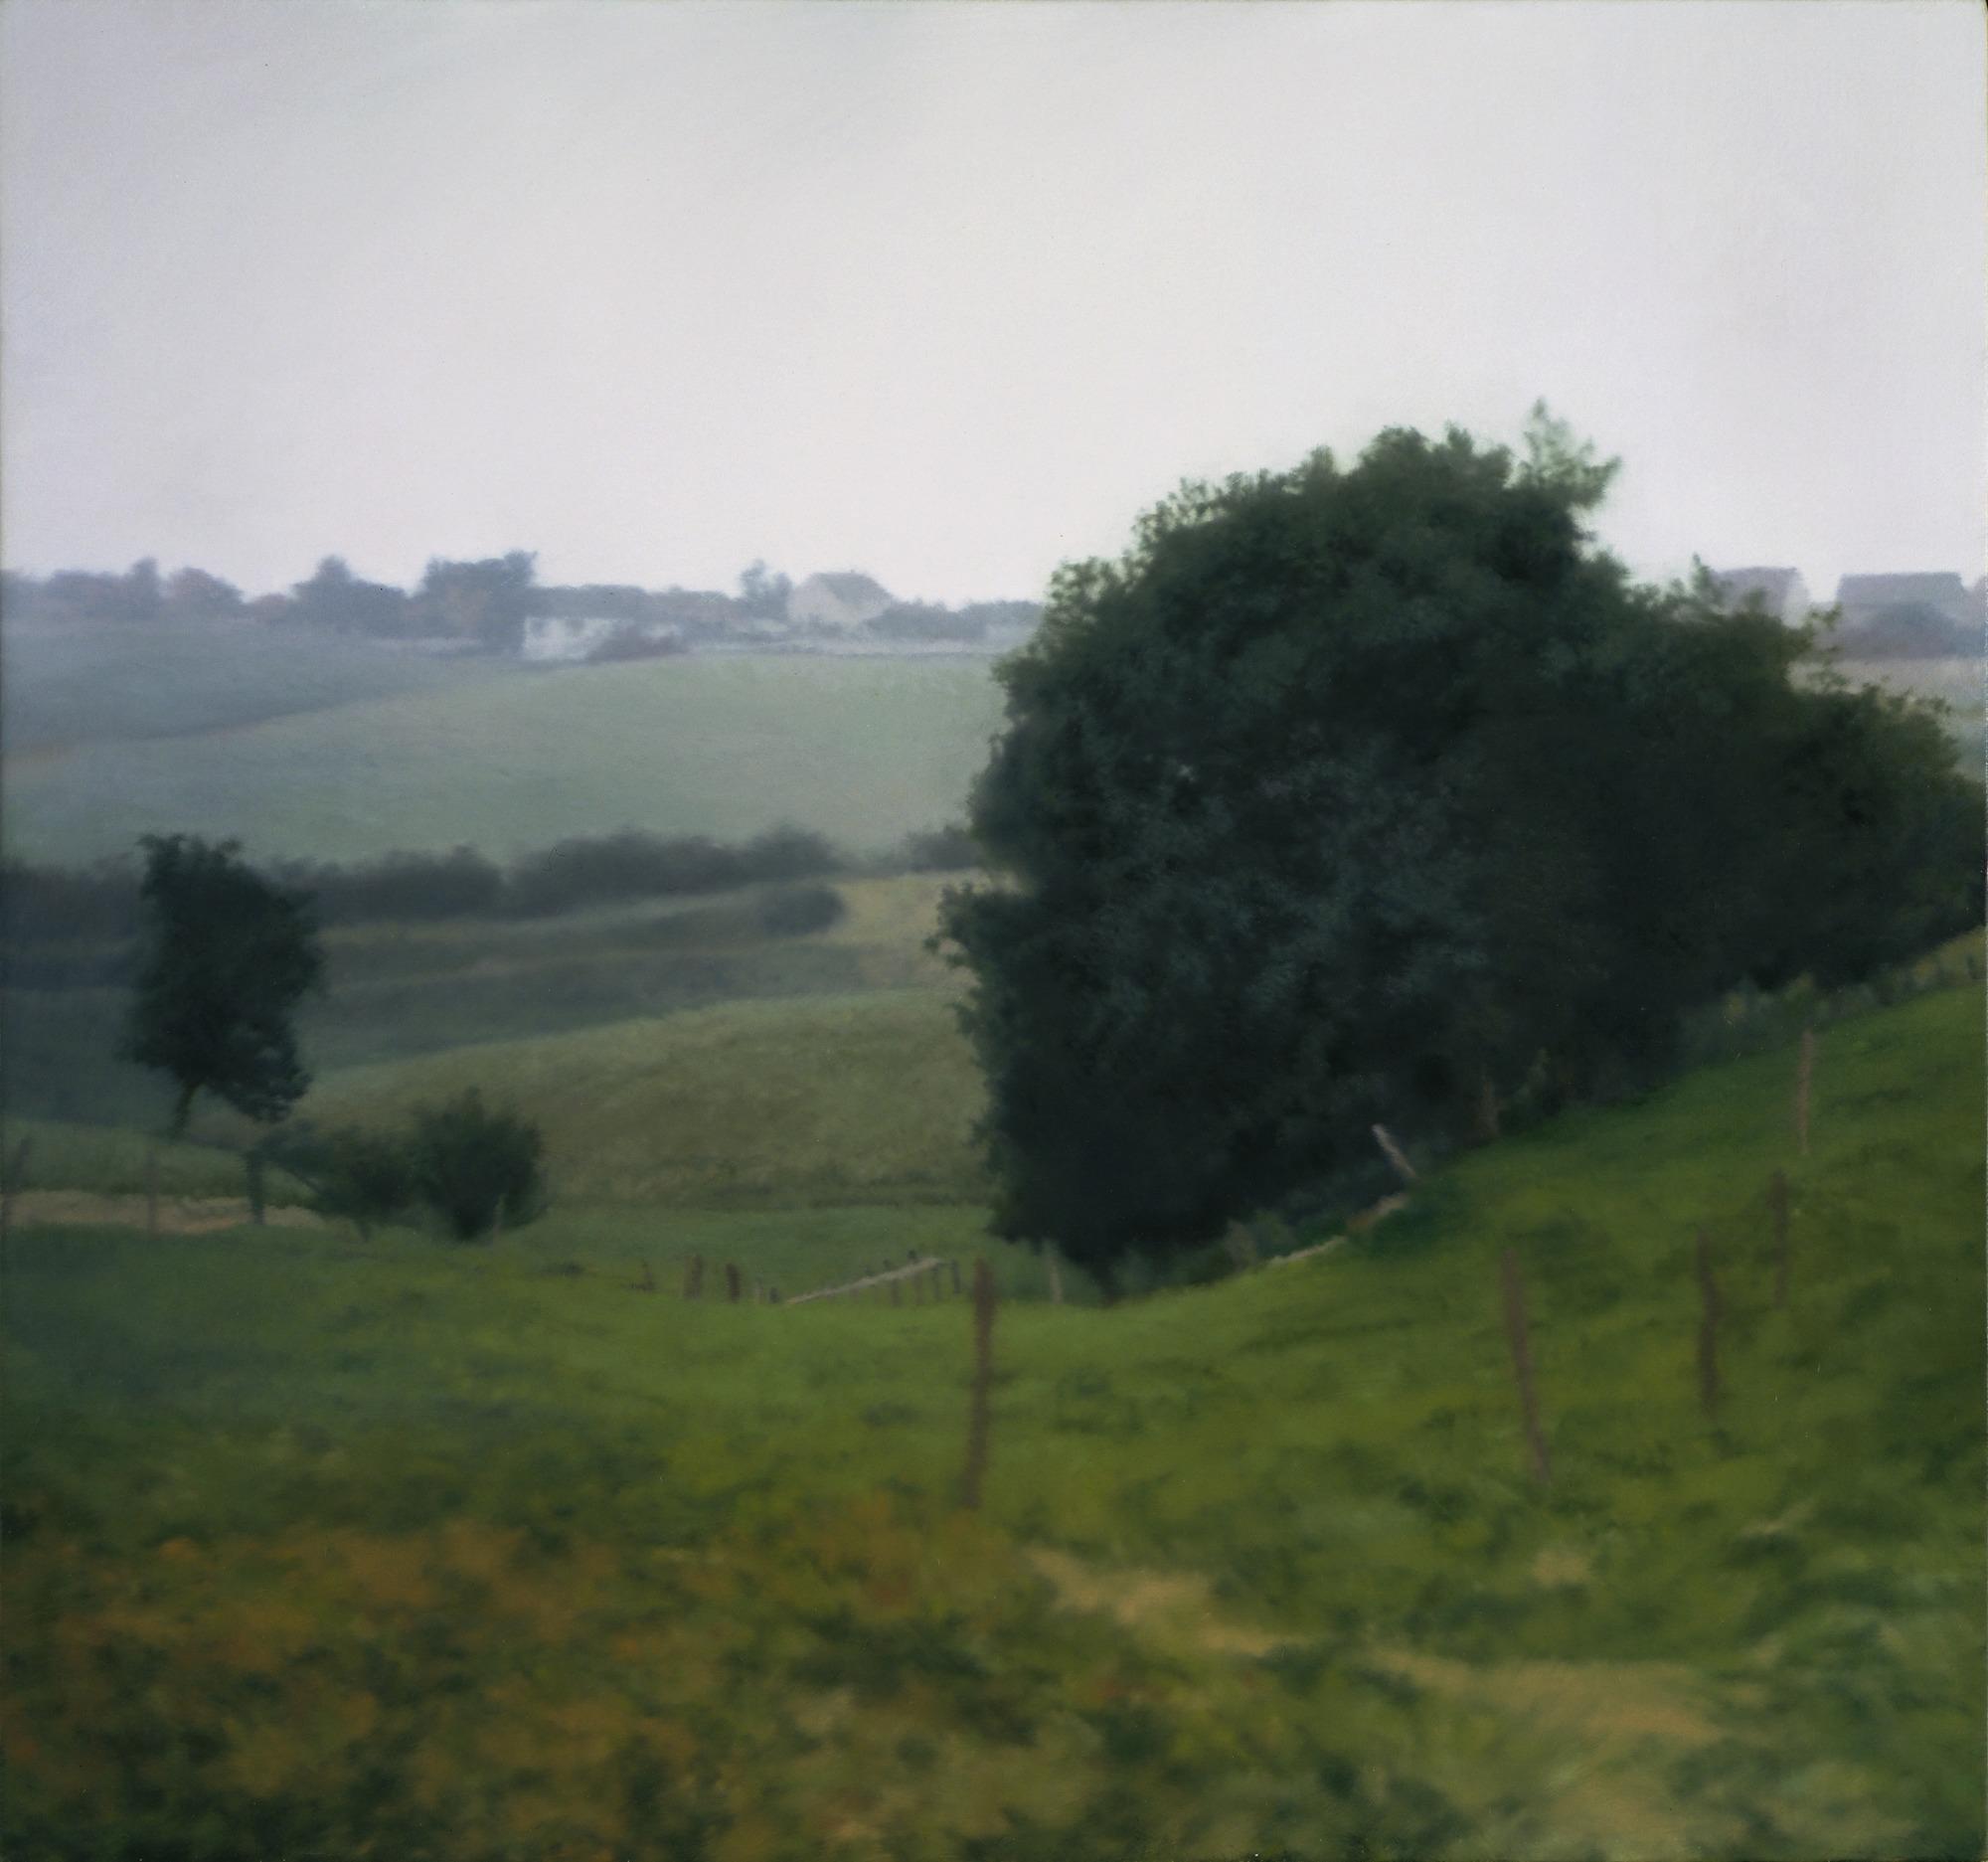 제프 월, 갑자기 휘몰아치는 바람 (倣 호쿠사이) 1993, 397cm x 250cm, Transparency on lightbox